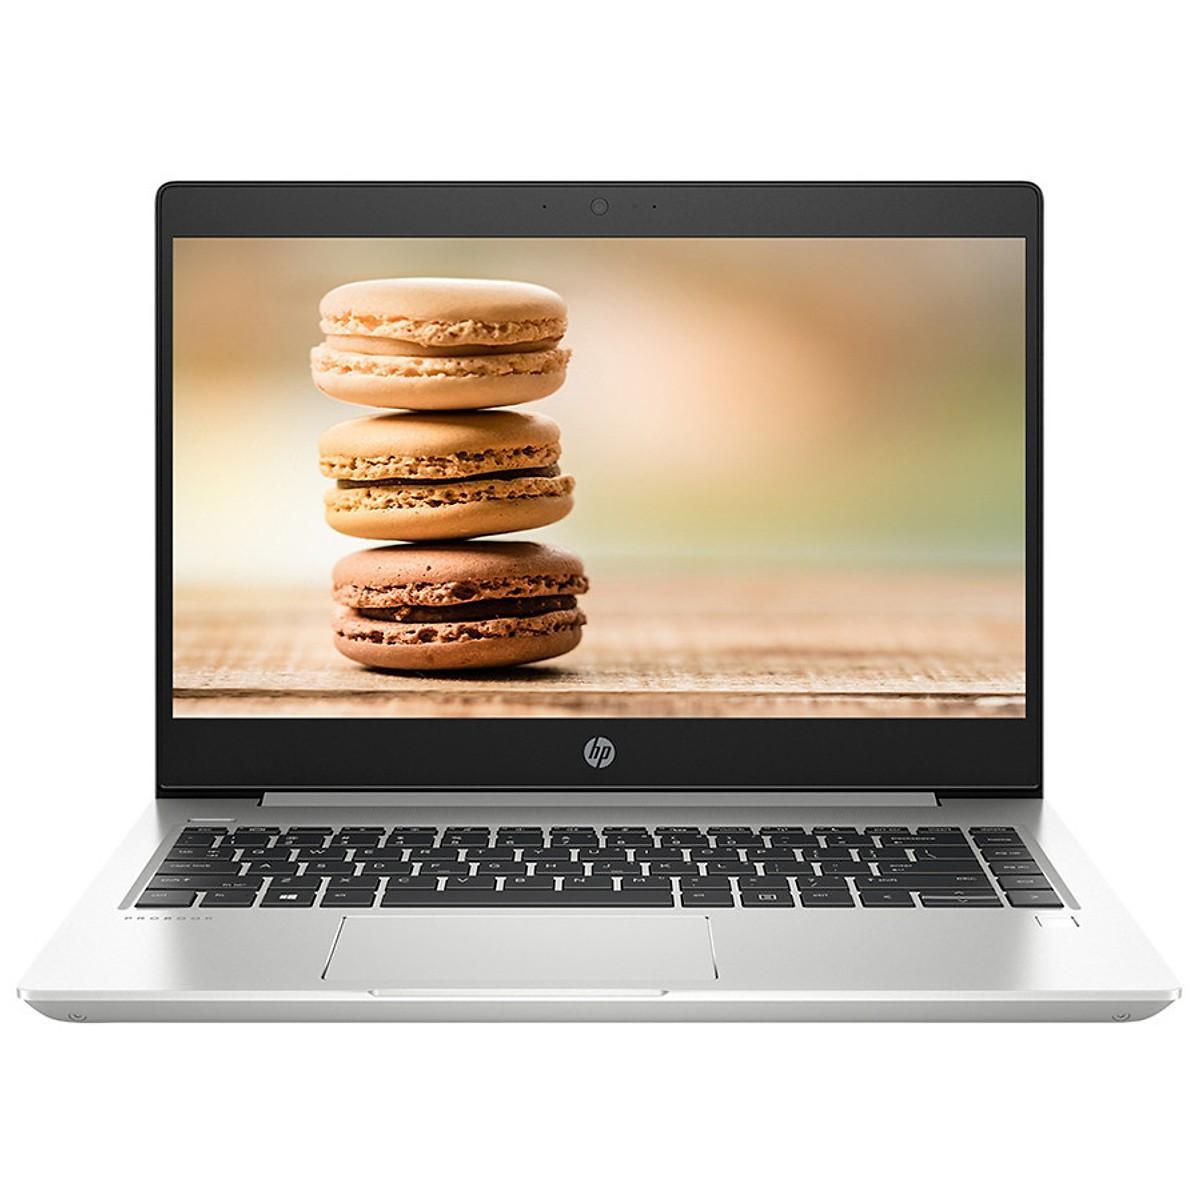 Laptop HP ProBook 440 G6 5YM63PA (Silver)